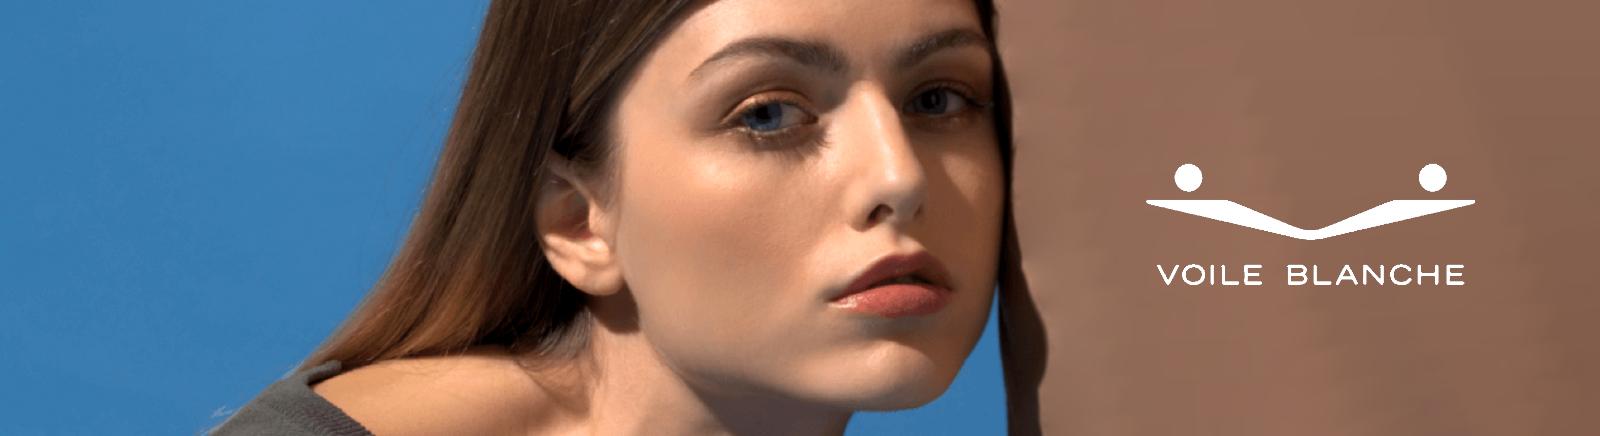 Juppen: Voile Blanche Damenschuhe online shoppen